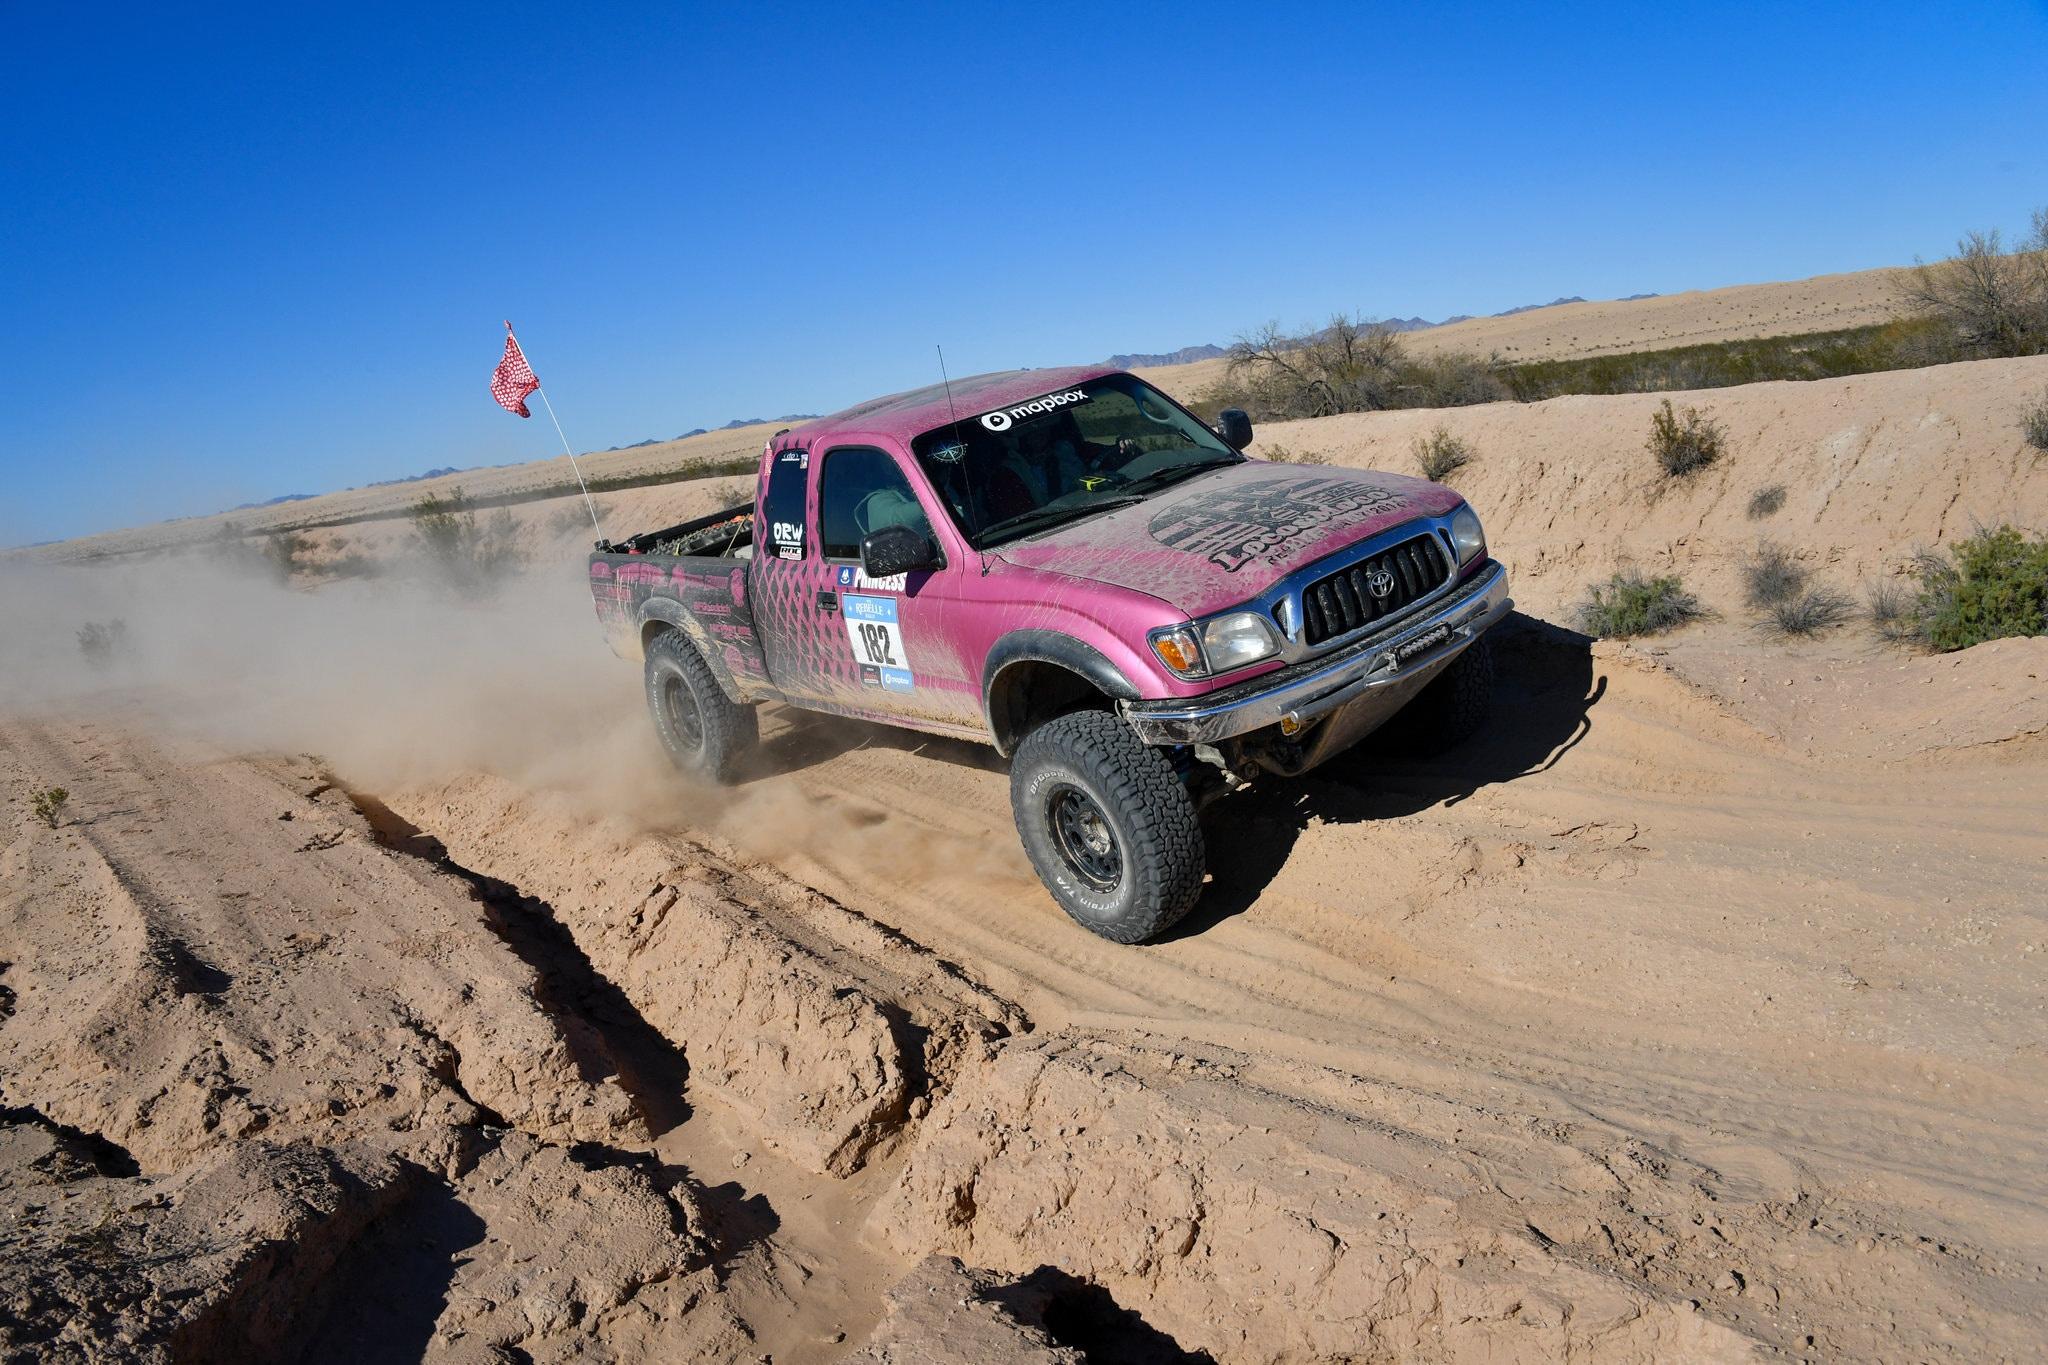 Rebelle Rally - giải đua off-road đầu tiên dành cho các tay lái nữ - 2